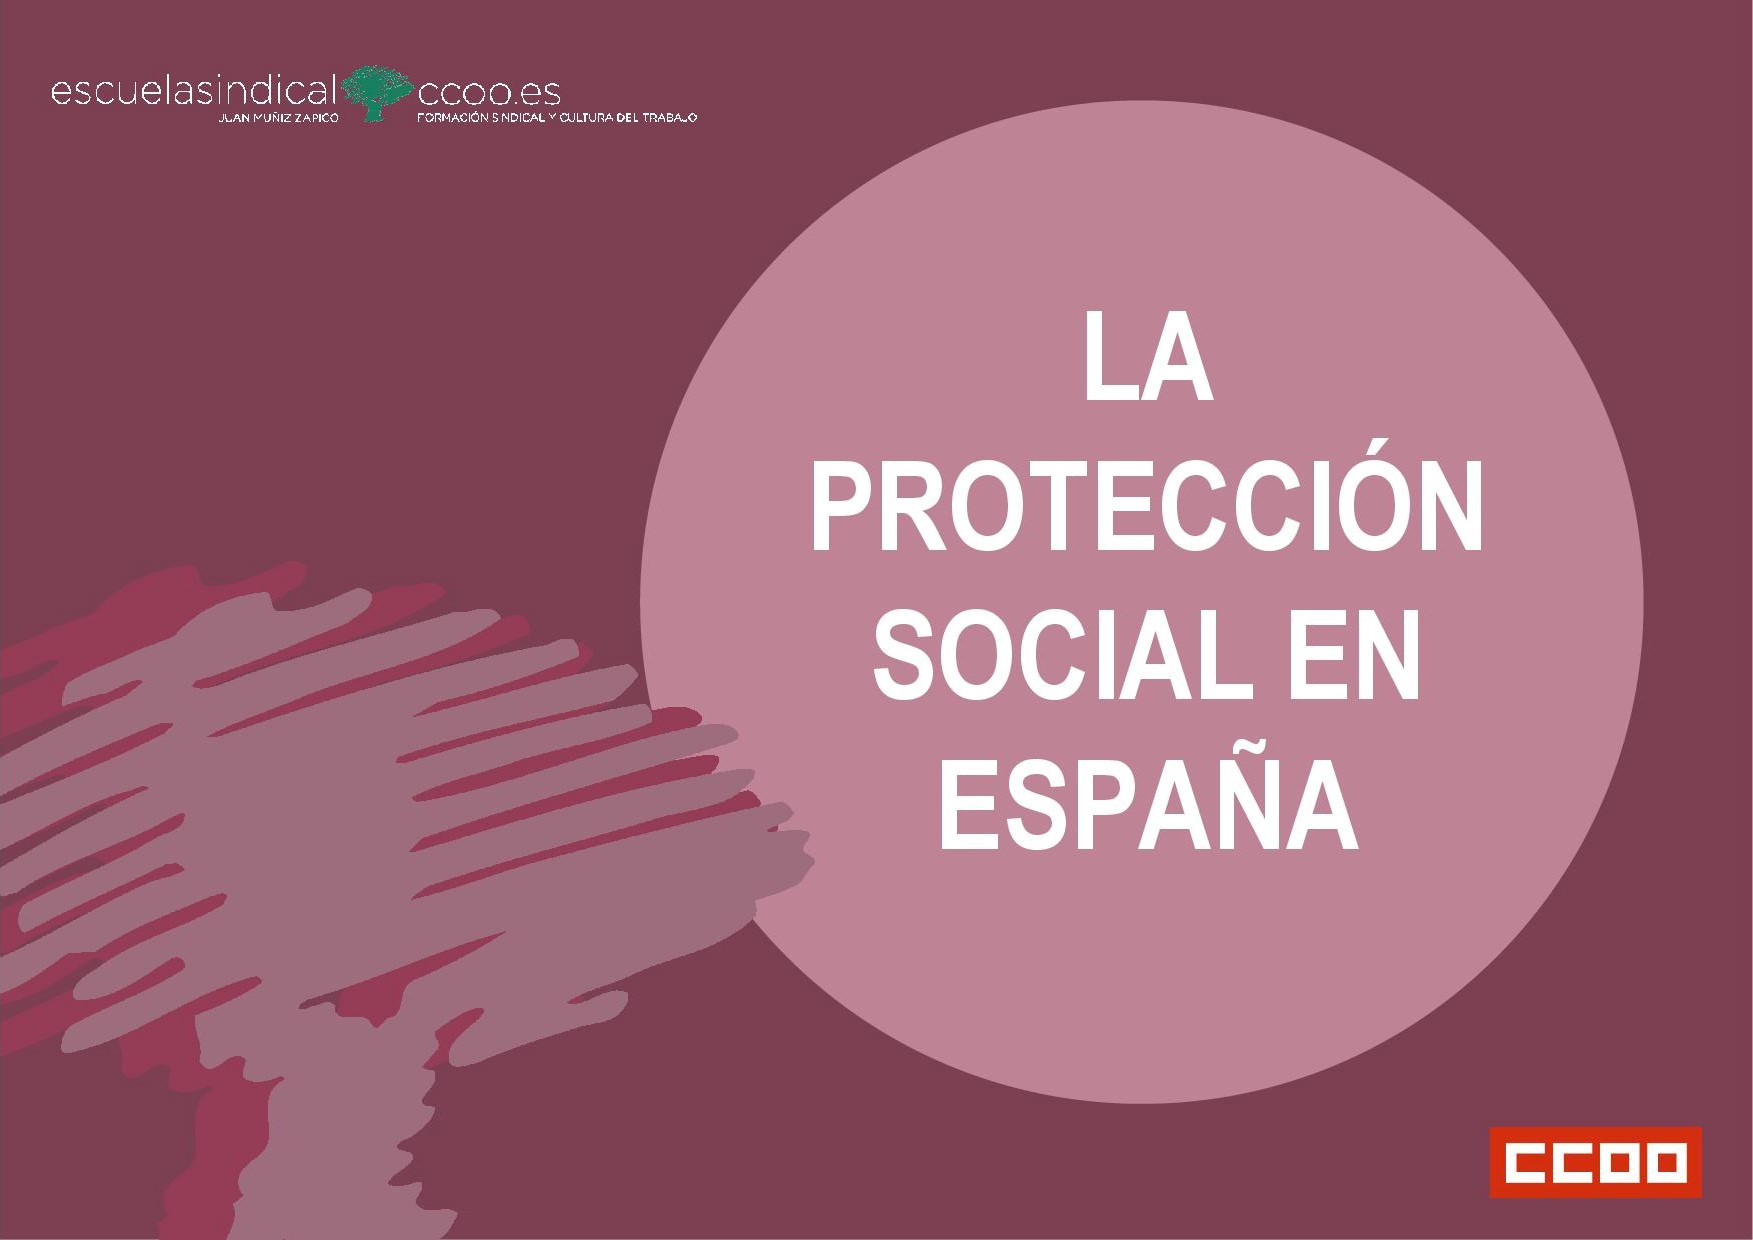 La protección social en España